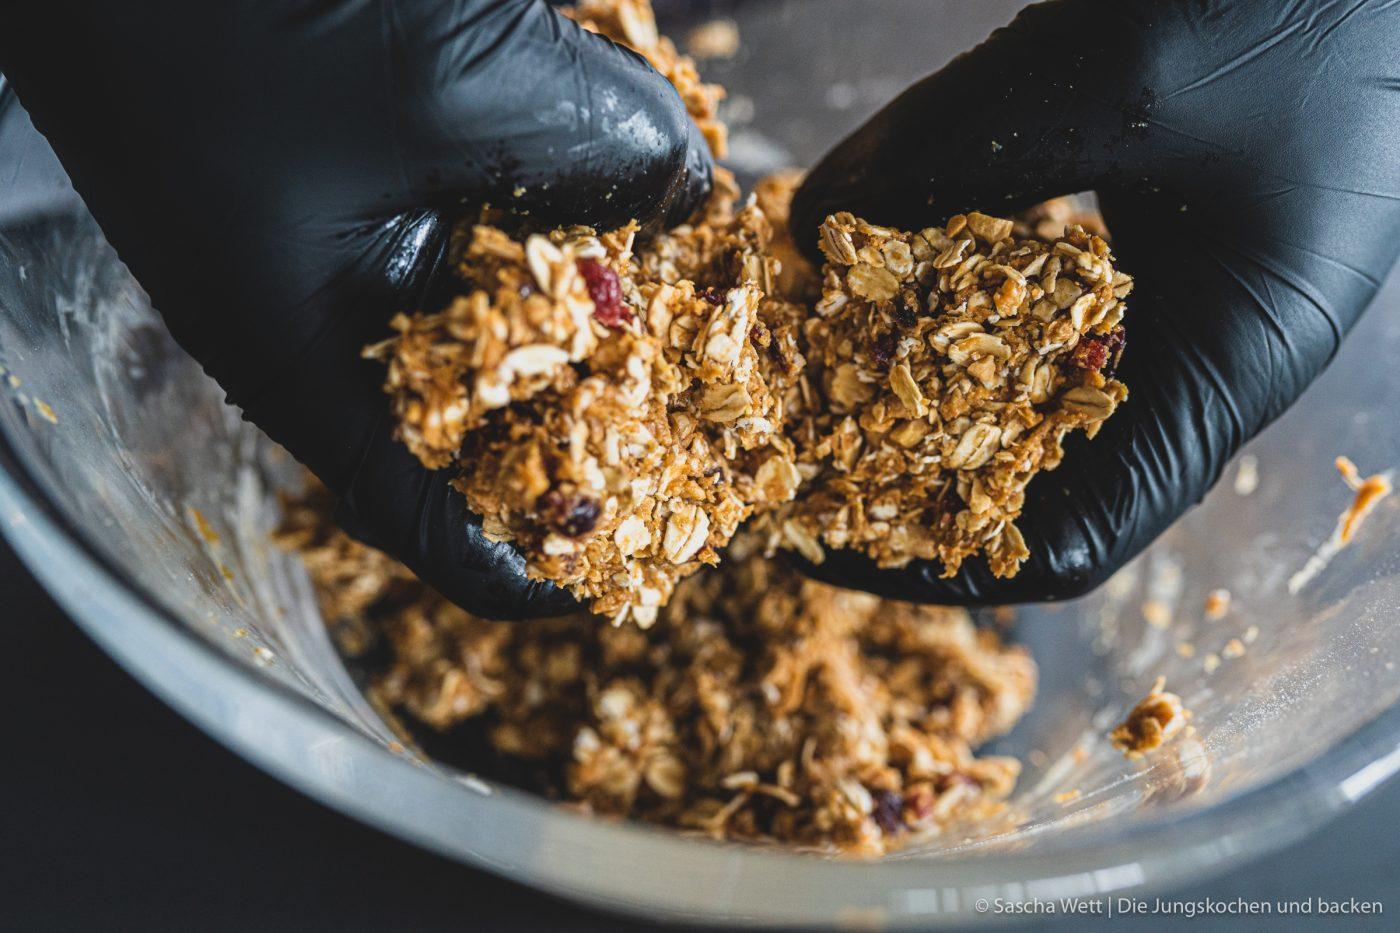 Erdnuss Flapjack %C3%BCltje 6 | Heute haben wir uns ein leckeres und schnell zubereitetes Rezept für einen Erdnuss Flapjack überlegt, das wir zusammen mit unserem Partner ültje umgesetzt haben. Ihr wisst ja, dass wir um diese so genannte Nuss, nicht herum kommen und sie immer wieder in unseren Rezepten verarbeiten. Manchmal aber verputzen wir sie auch einfach so. Am liebsten ohne Öl im Ofen gebacken und ohne Salz. Pur halt! Der Grund, warum wir uns für einen Erdnuss Flapjack entschieden haben ist, dass wir nach dem Sport immer gerne eine Kleinigkeit zu uns nehmen, die schnell satt macht und genügend Protein mit sich bringt. Und genau das kann die Erdnuss. Ein weiterer Vorteil der Erdnuss ist, dass sie das perfekte Brainfood ist.